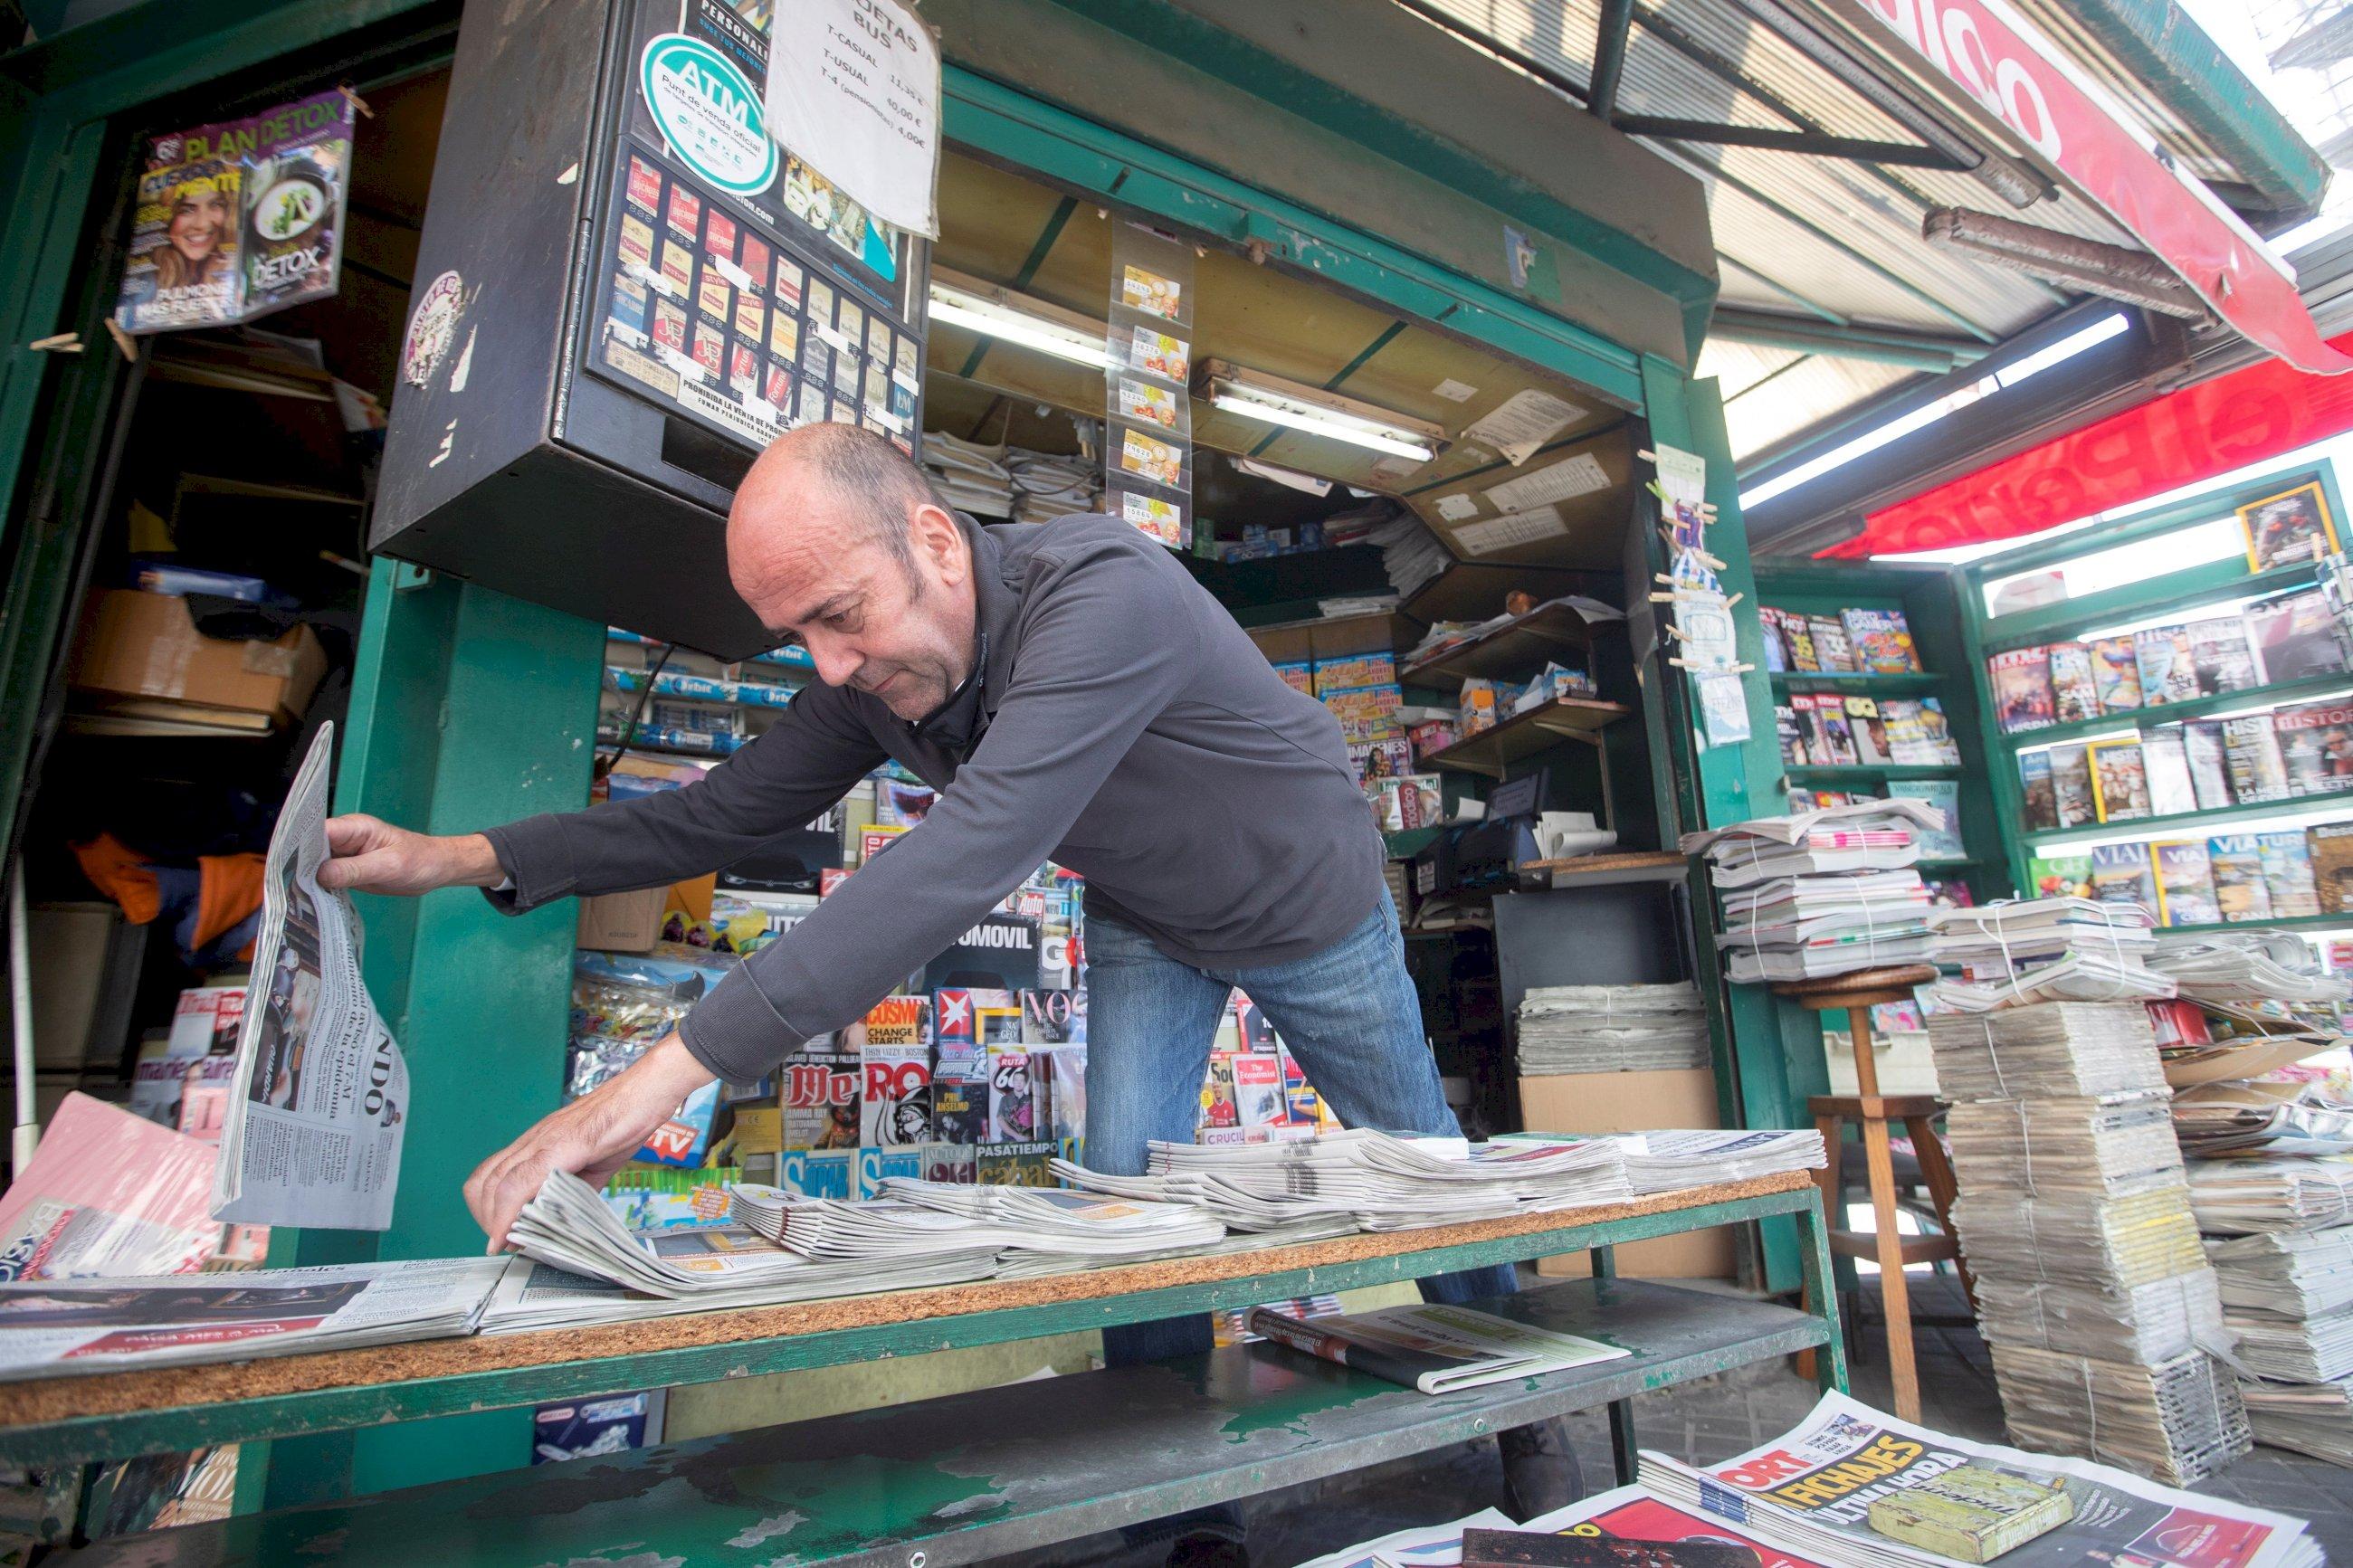 La 'coronacrisis' cuesta 300M a los tres grandes de la prensa española